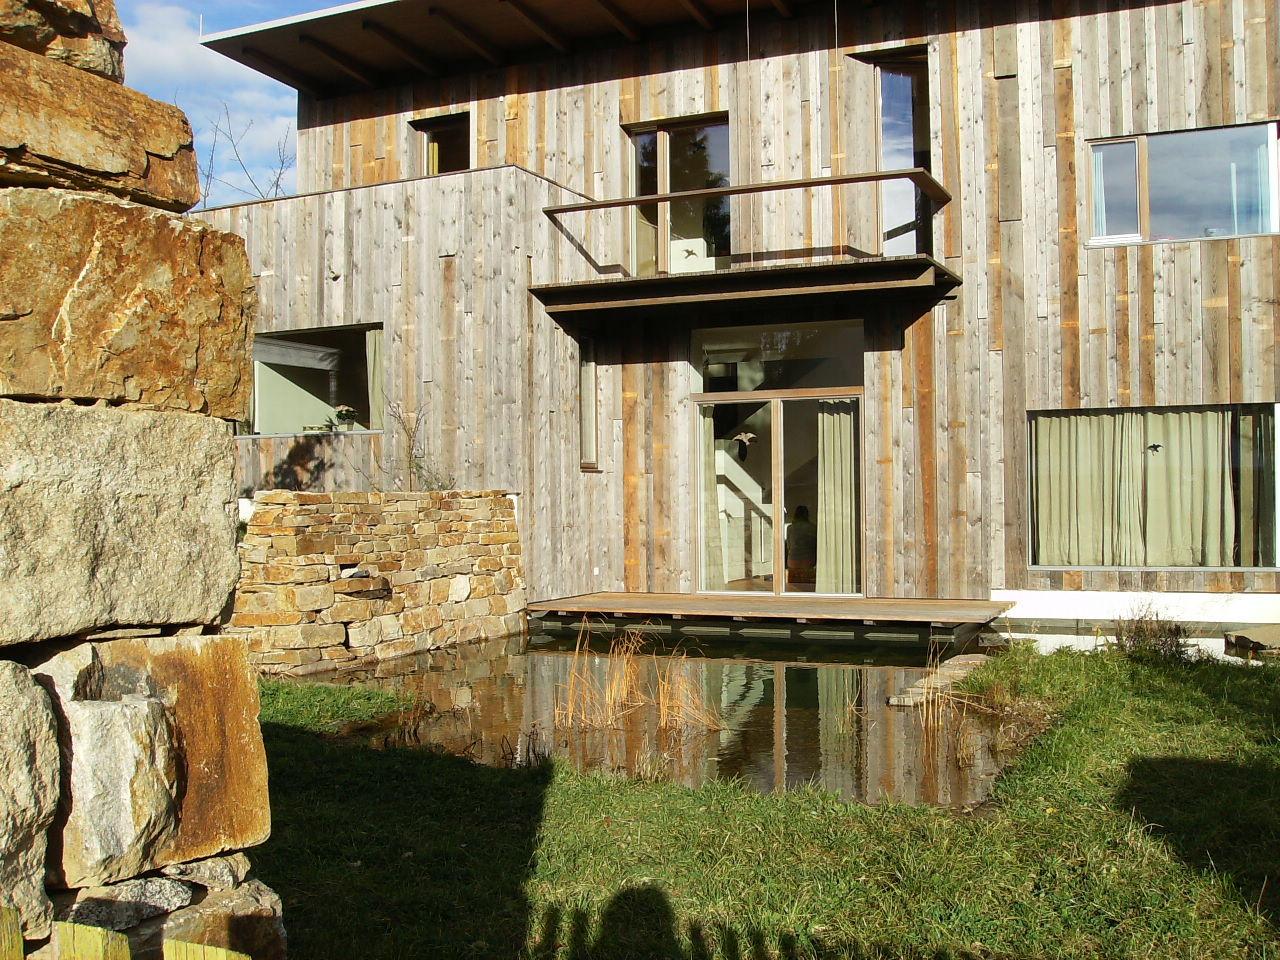 Wohnhaus in waidhofen an der thaya gesund bauen wohnen for Wohnhaus bauen